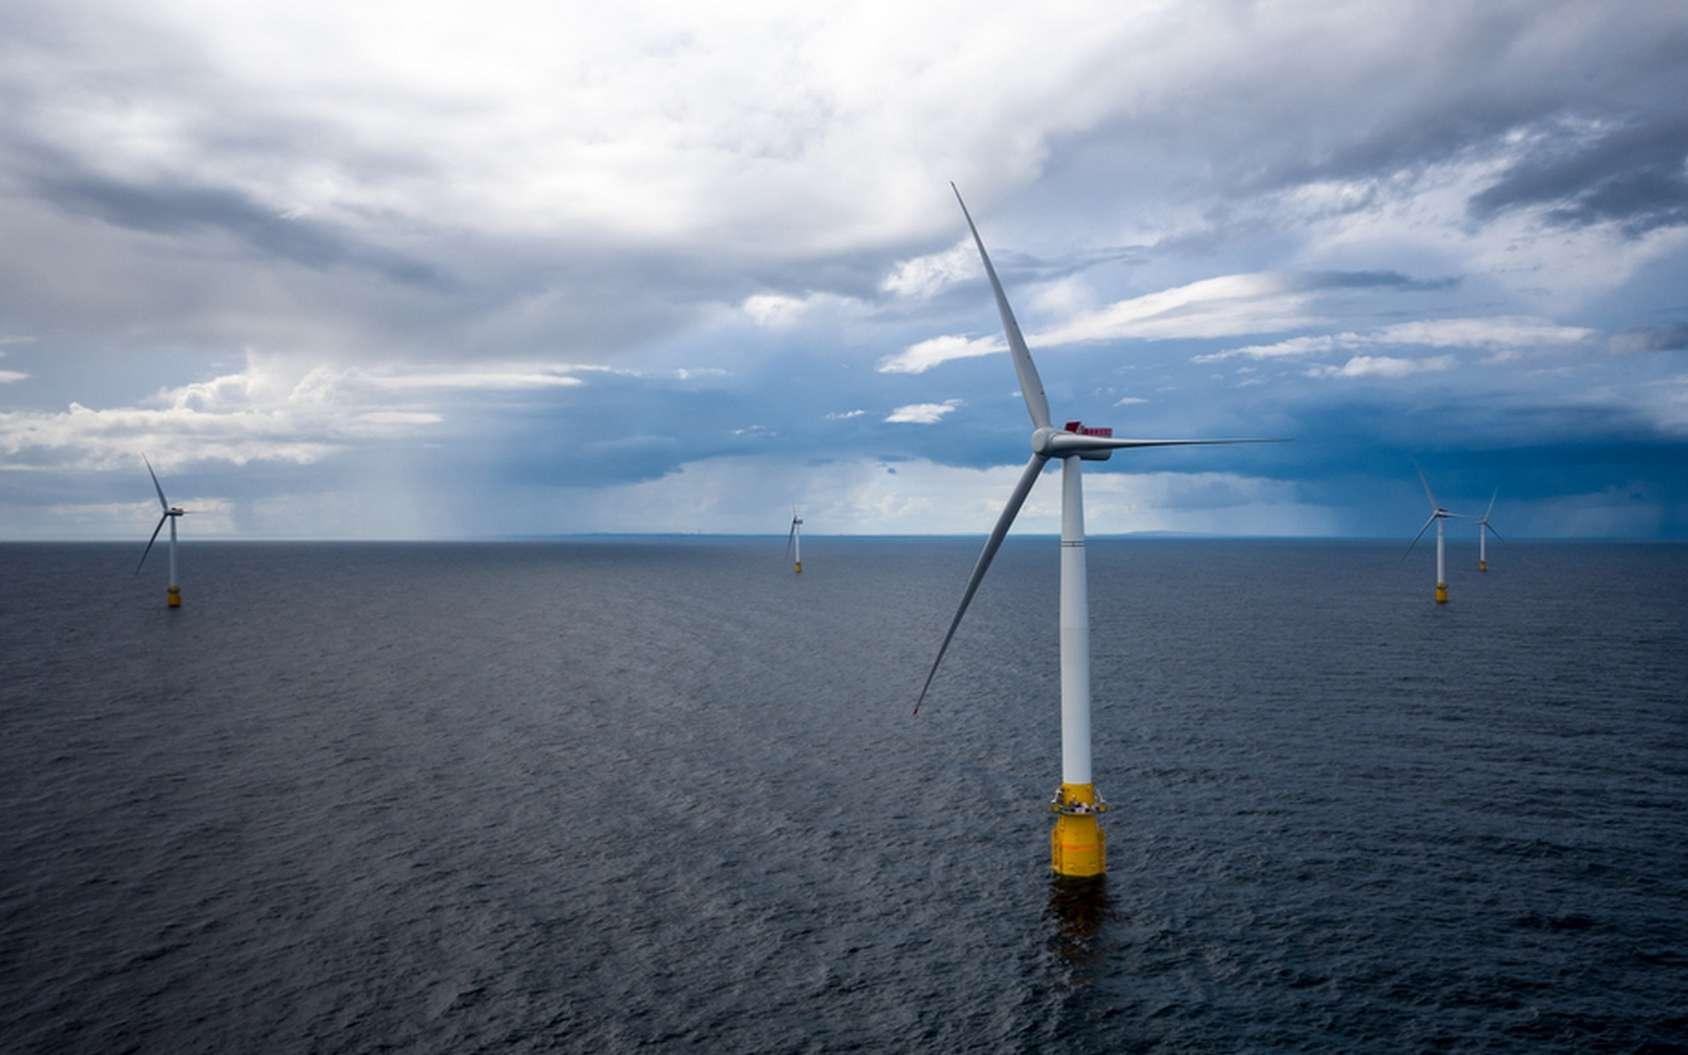 Le parc éolien d'Hywind Scotland se compose de cinq éoliennes flottantes. © Øyvind Gravås, Statoil